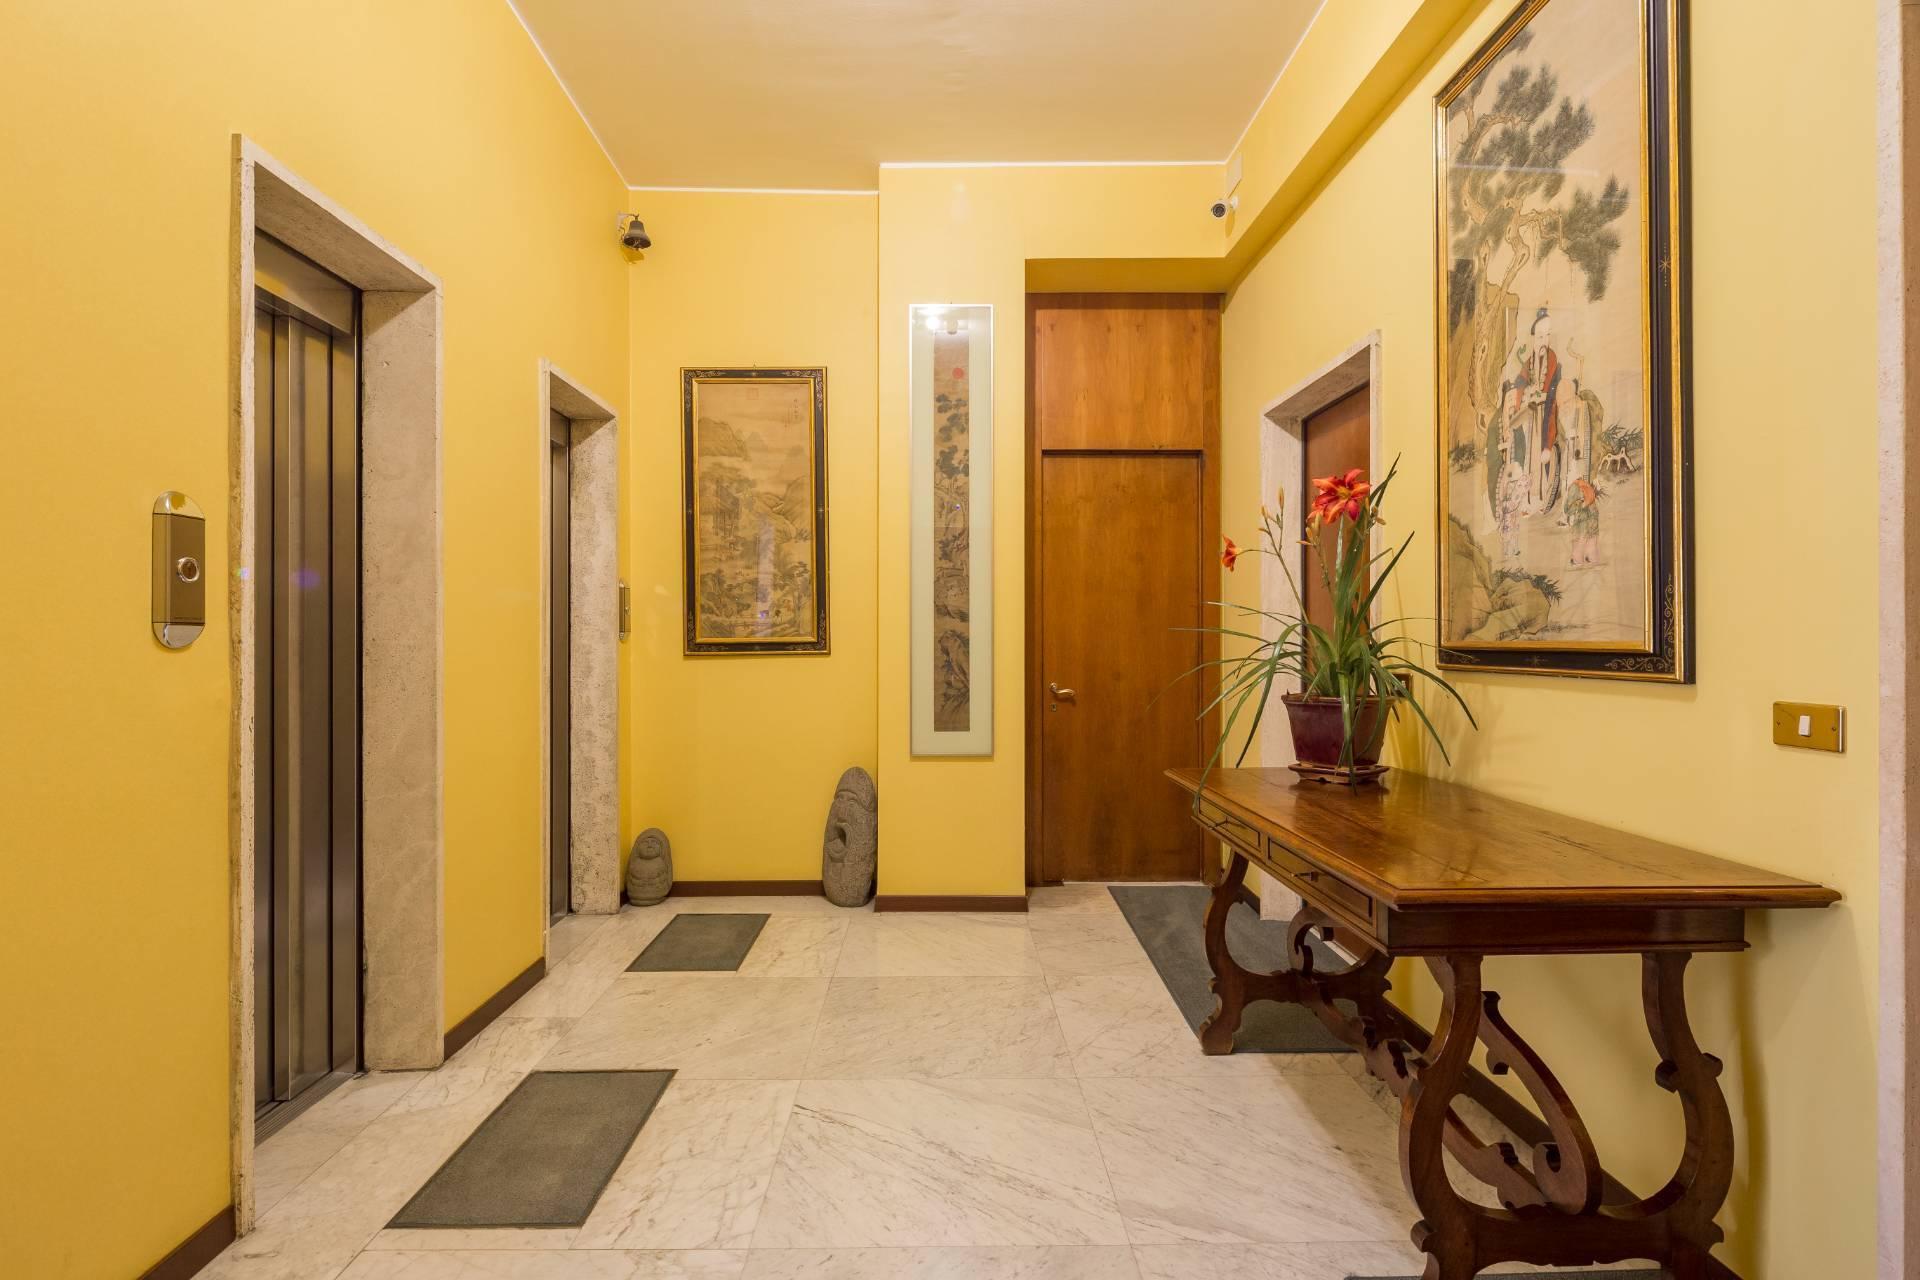 Appartamento signorile in Via Mascagni - 18